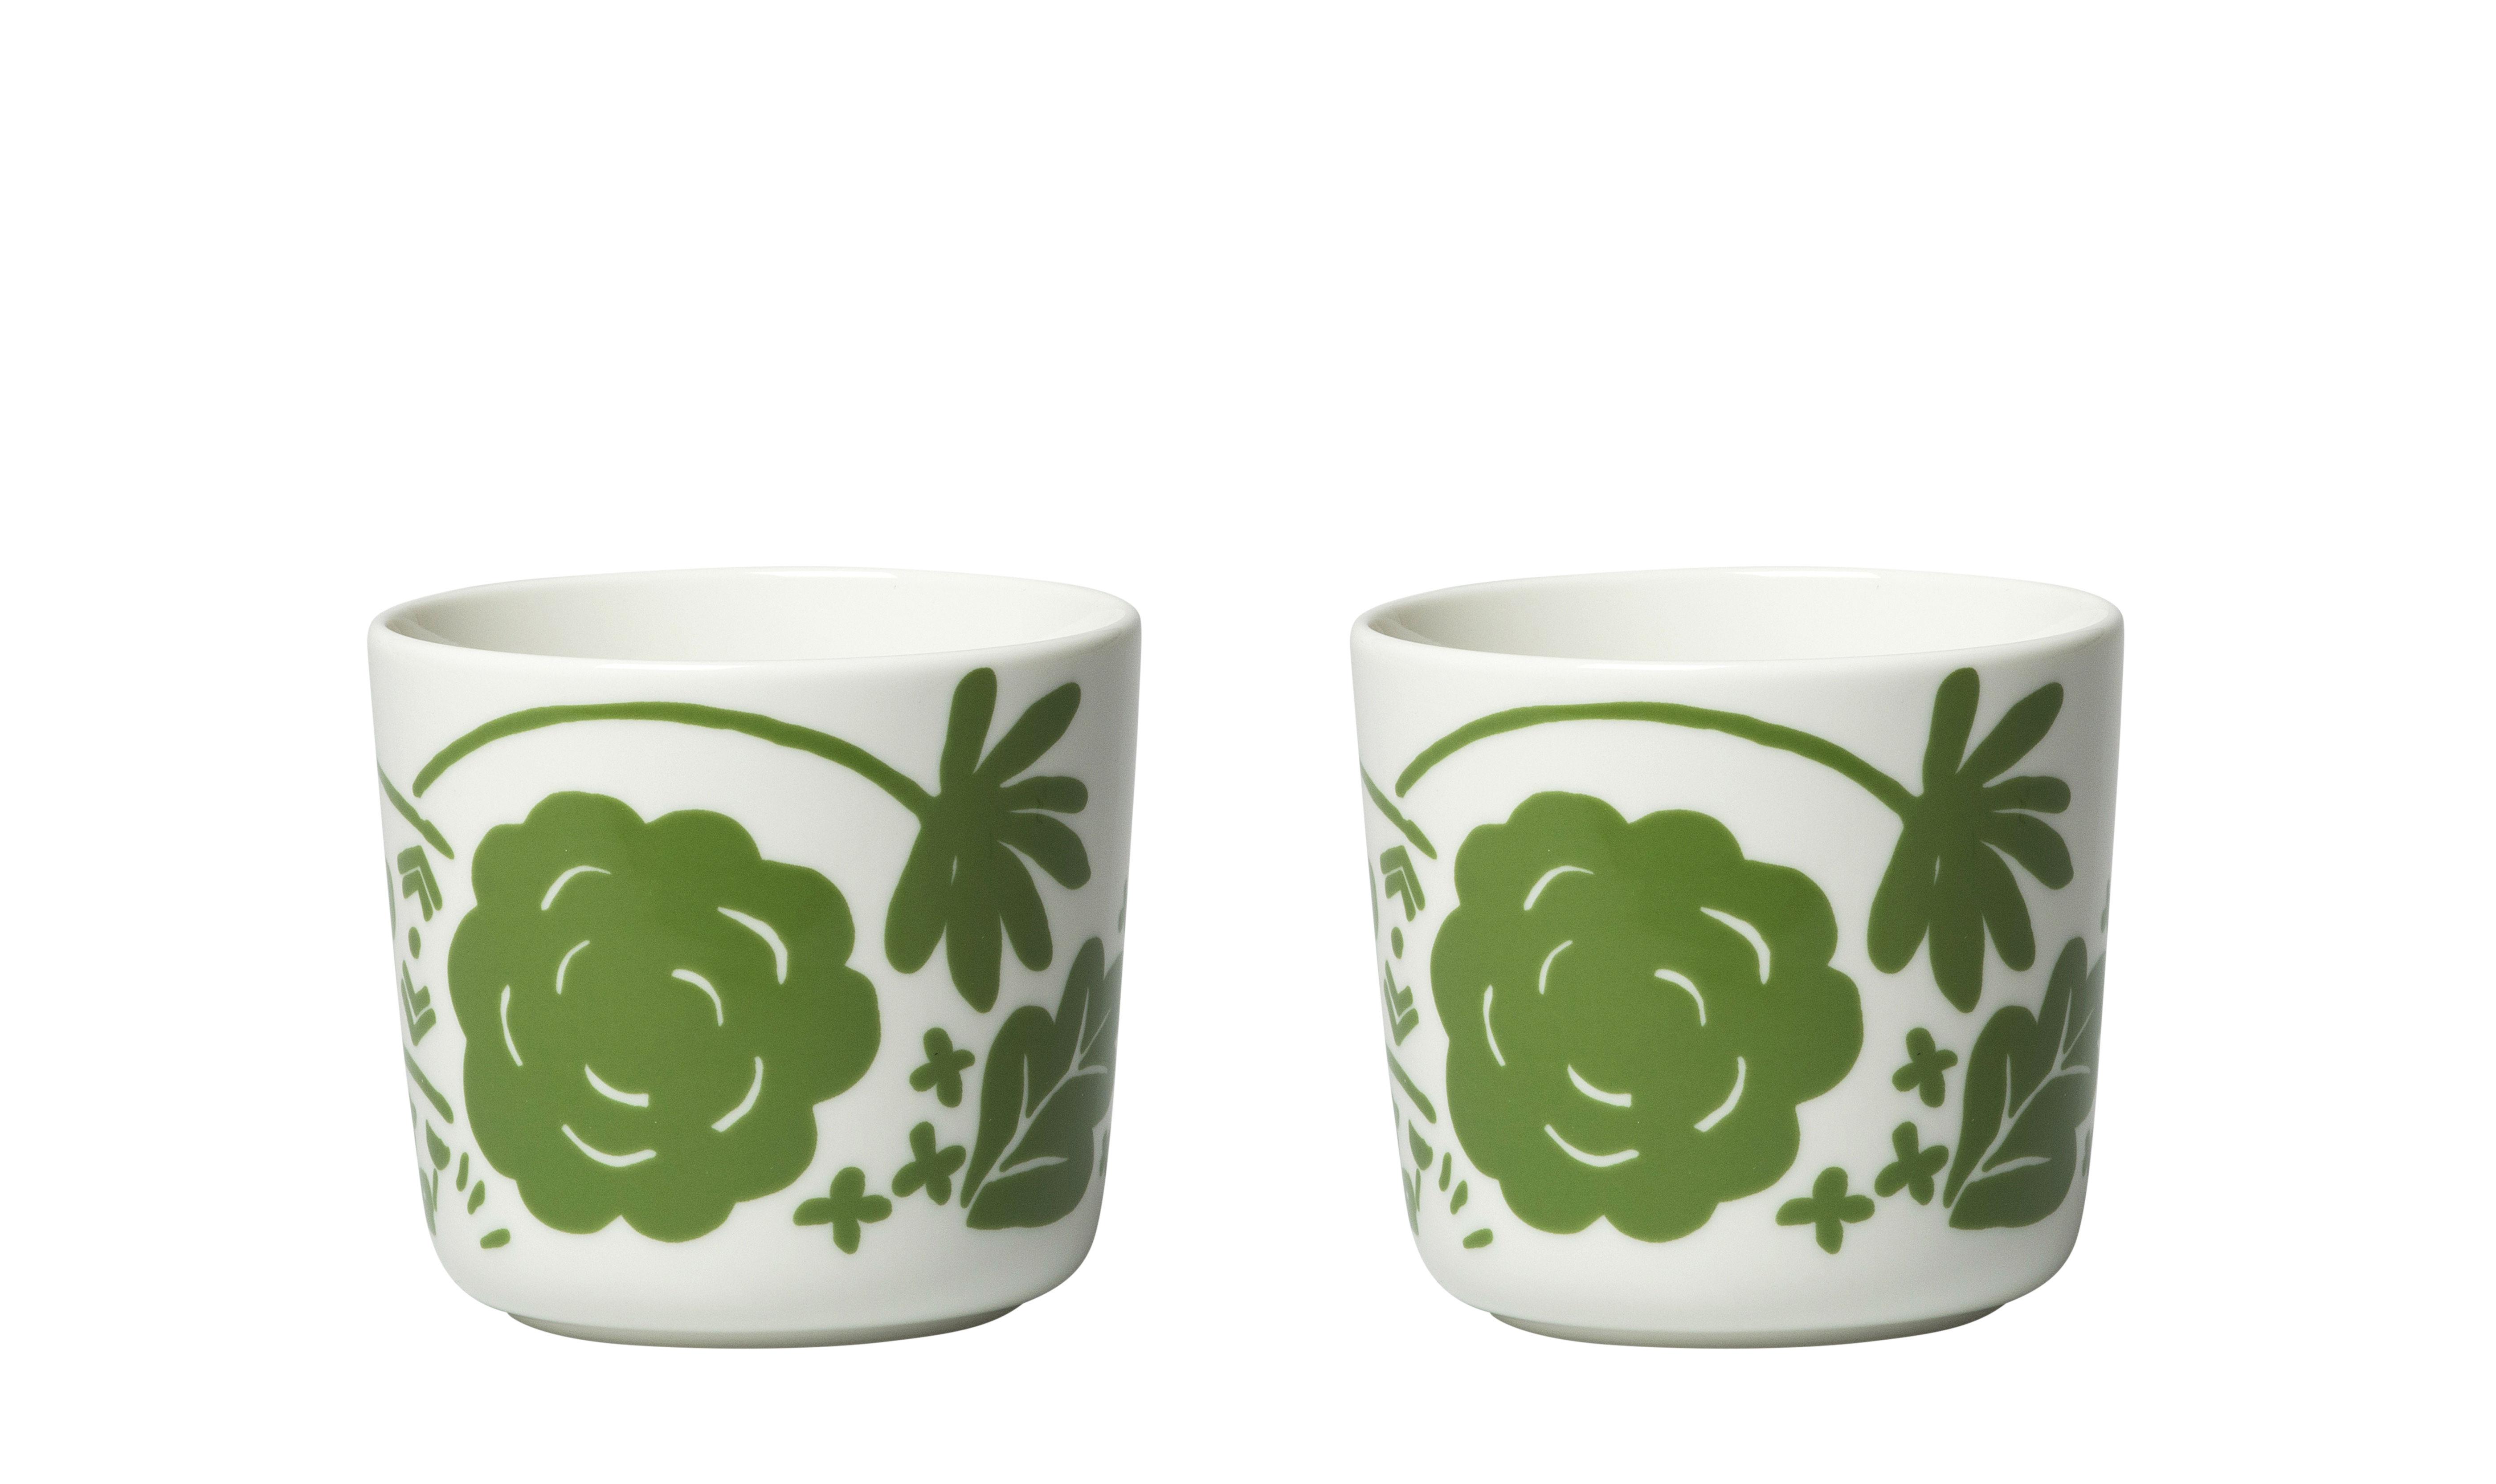 Tavola - Tazze e Boccali - Tazzina da caffè Onni - / Senza manici - Set da 2 di Marimekko - Onni / Verde & Bianco - Gres